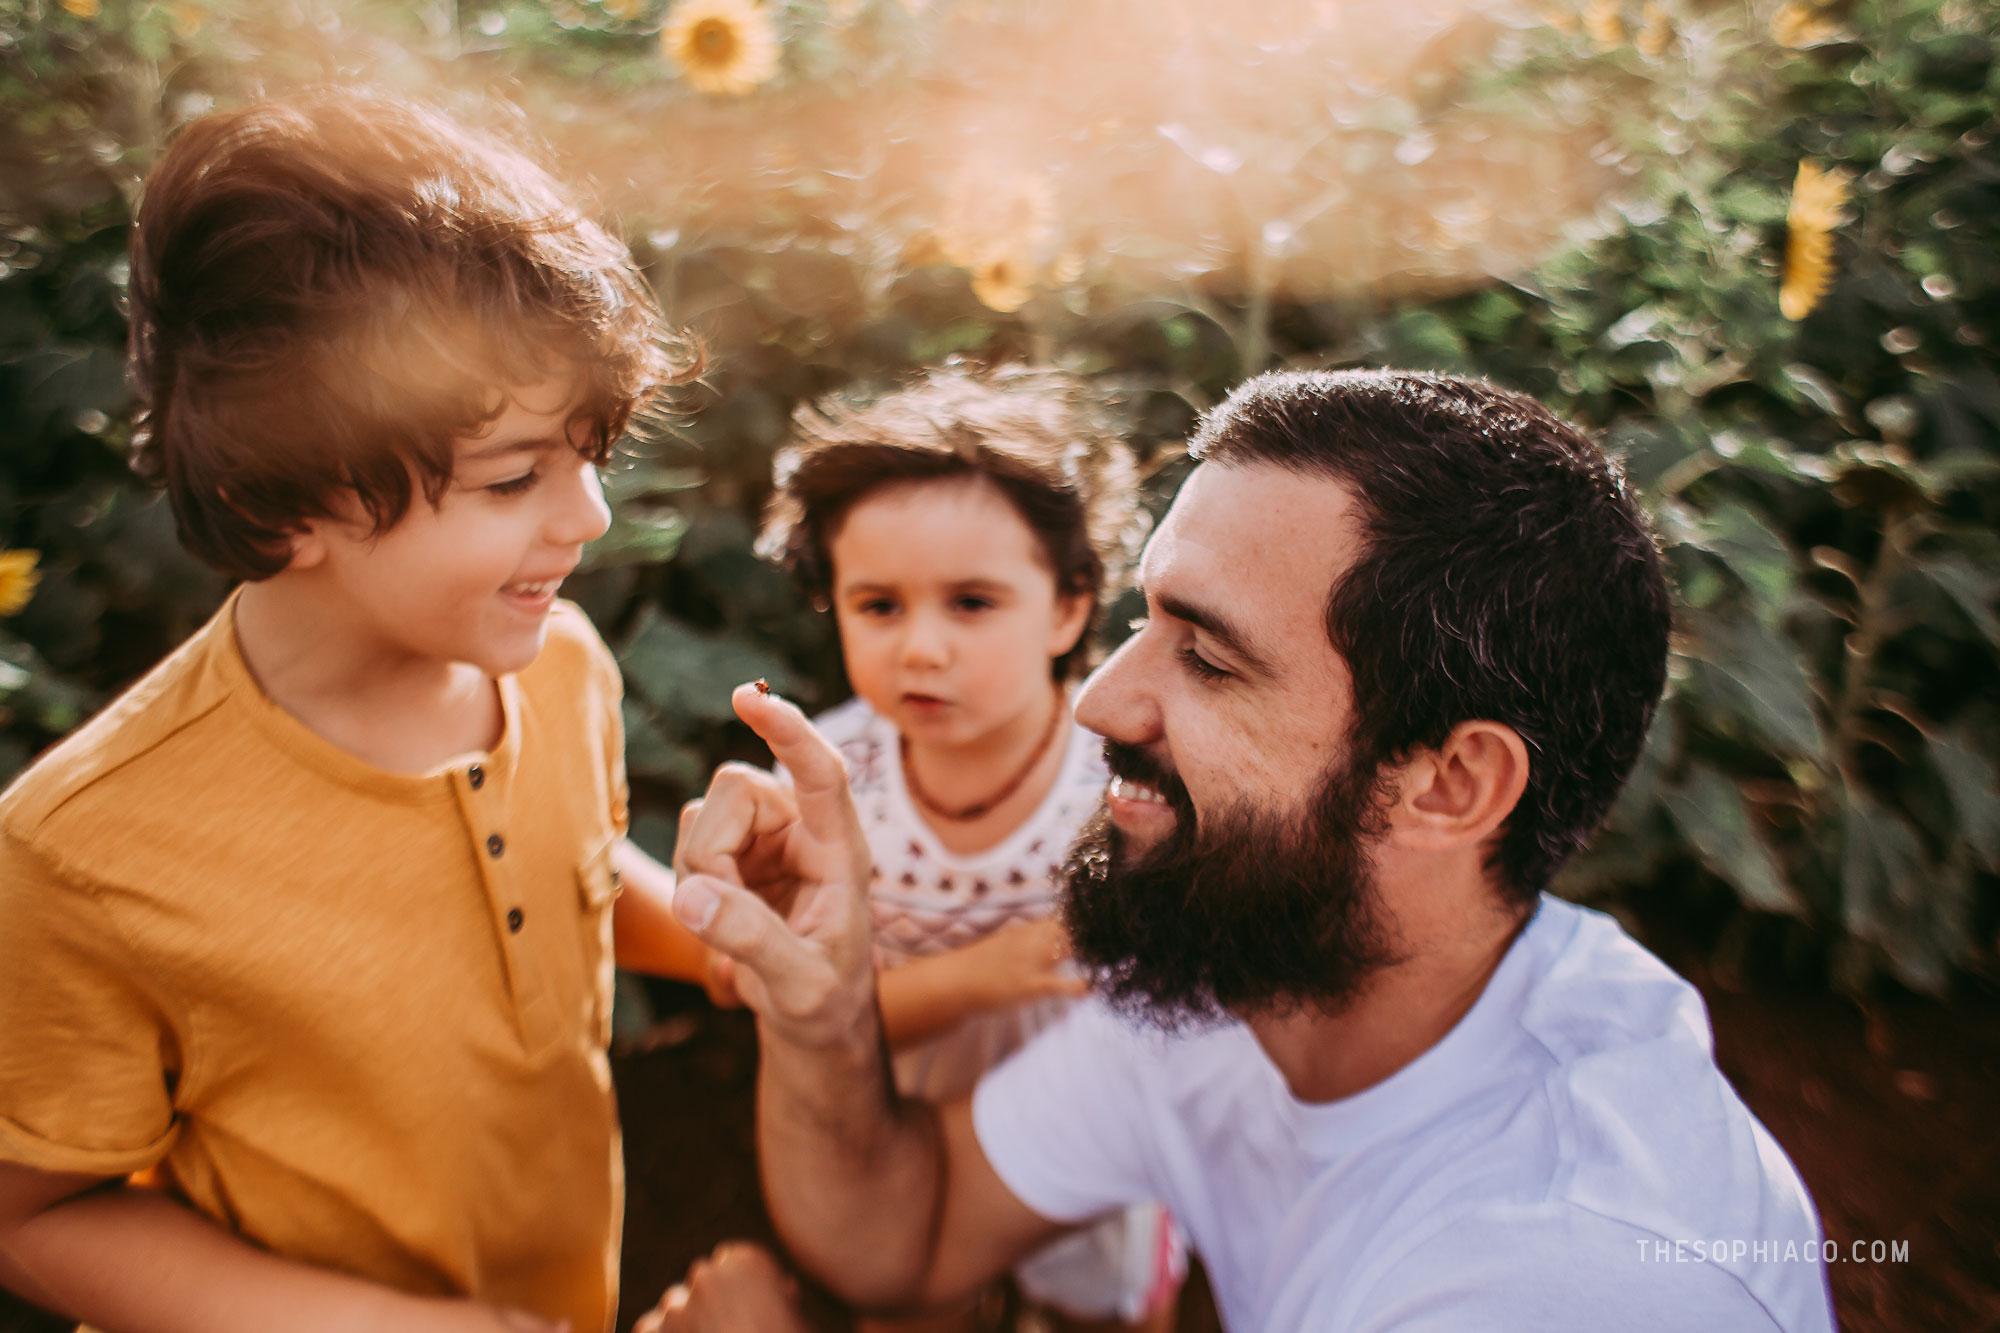 waialua-sunflowers-oahu-family-photography-03.jpg